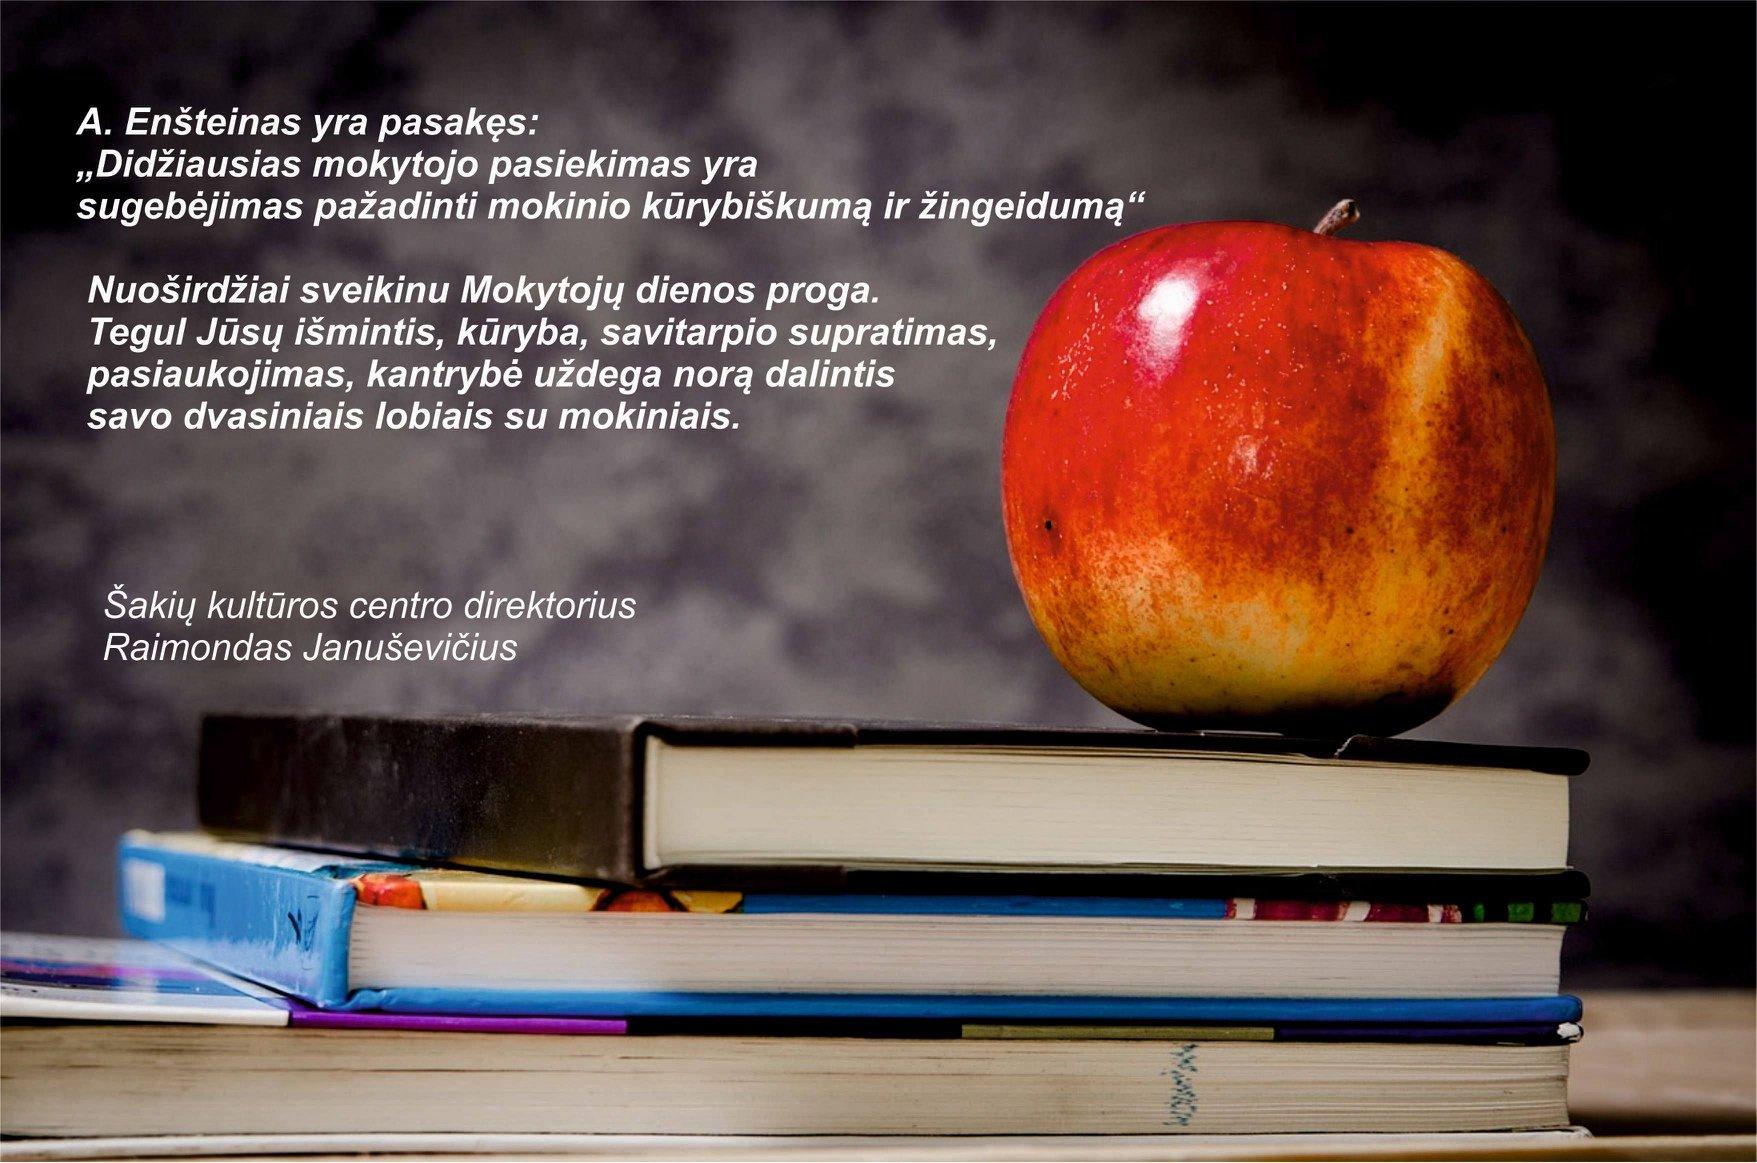 Sveikinimas Mokytojų dienos proga